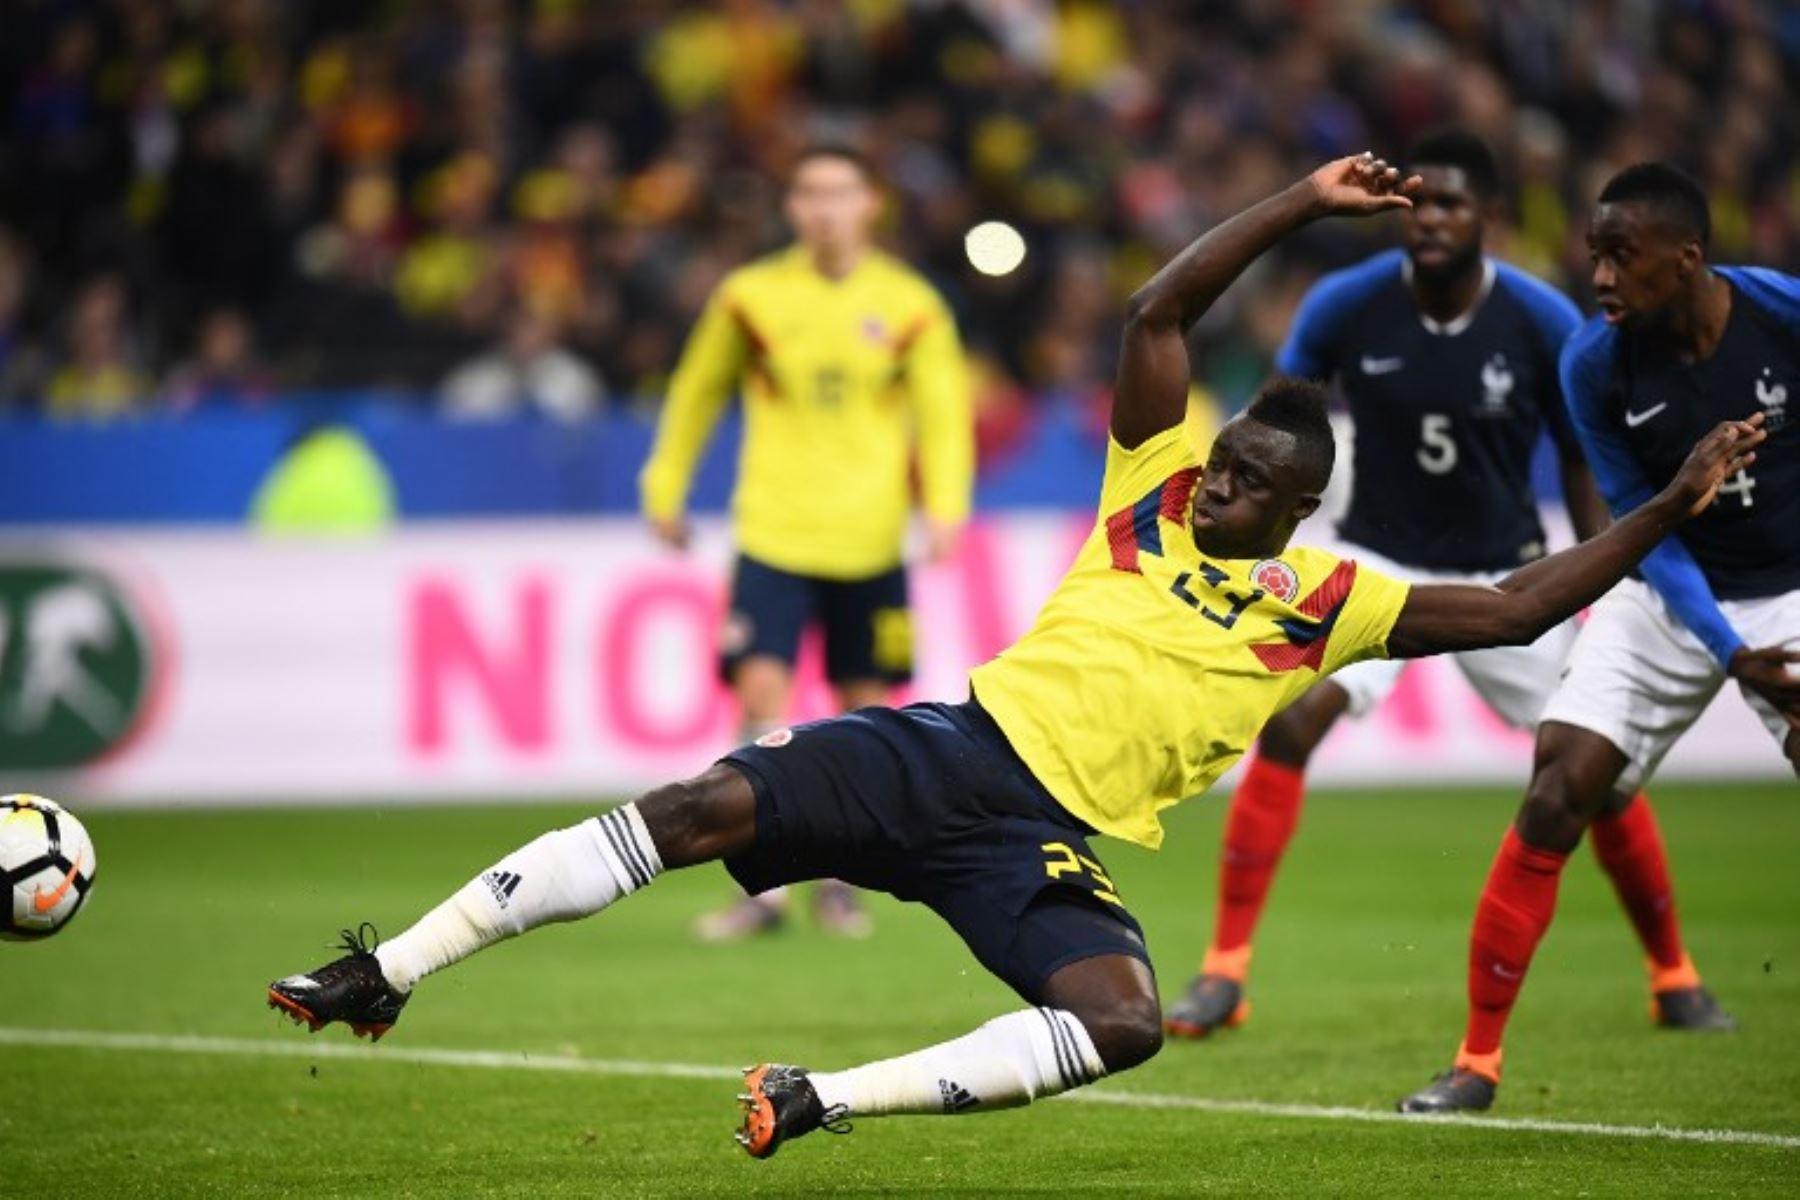 Davinson Sánchez es una de las estrellas del fútbol colombiano